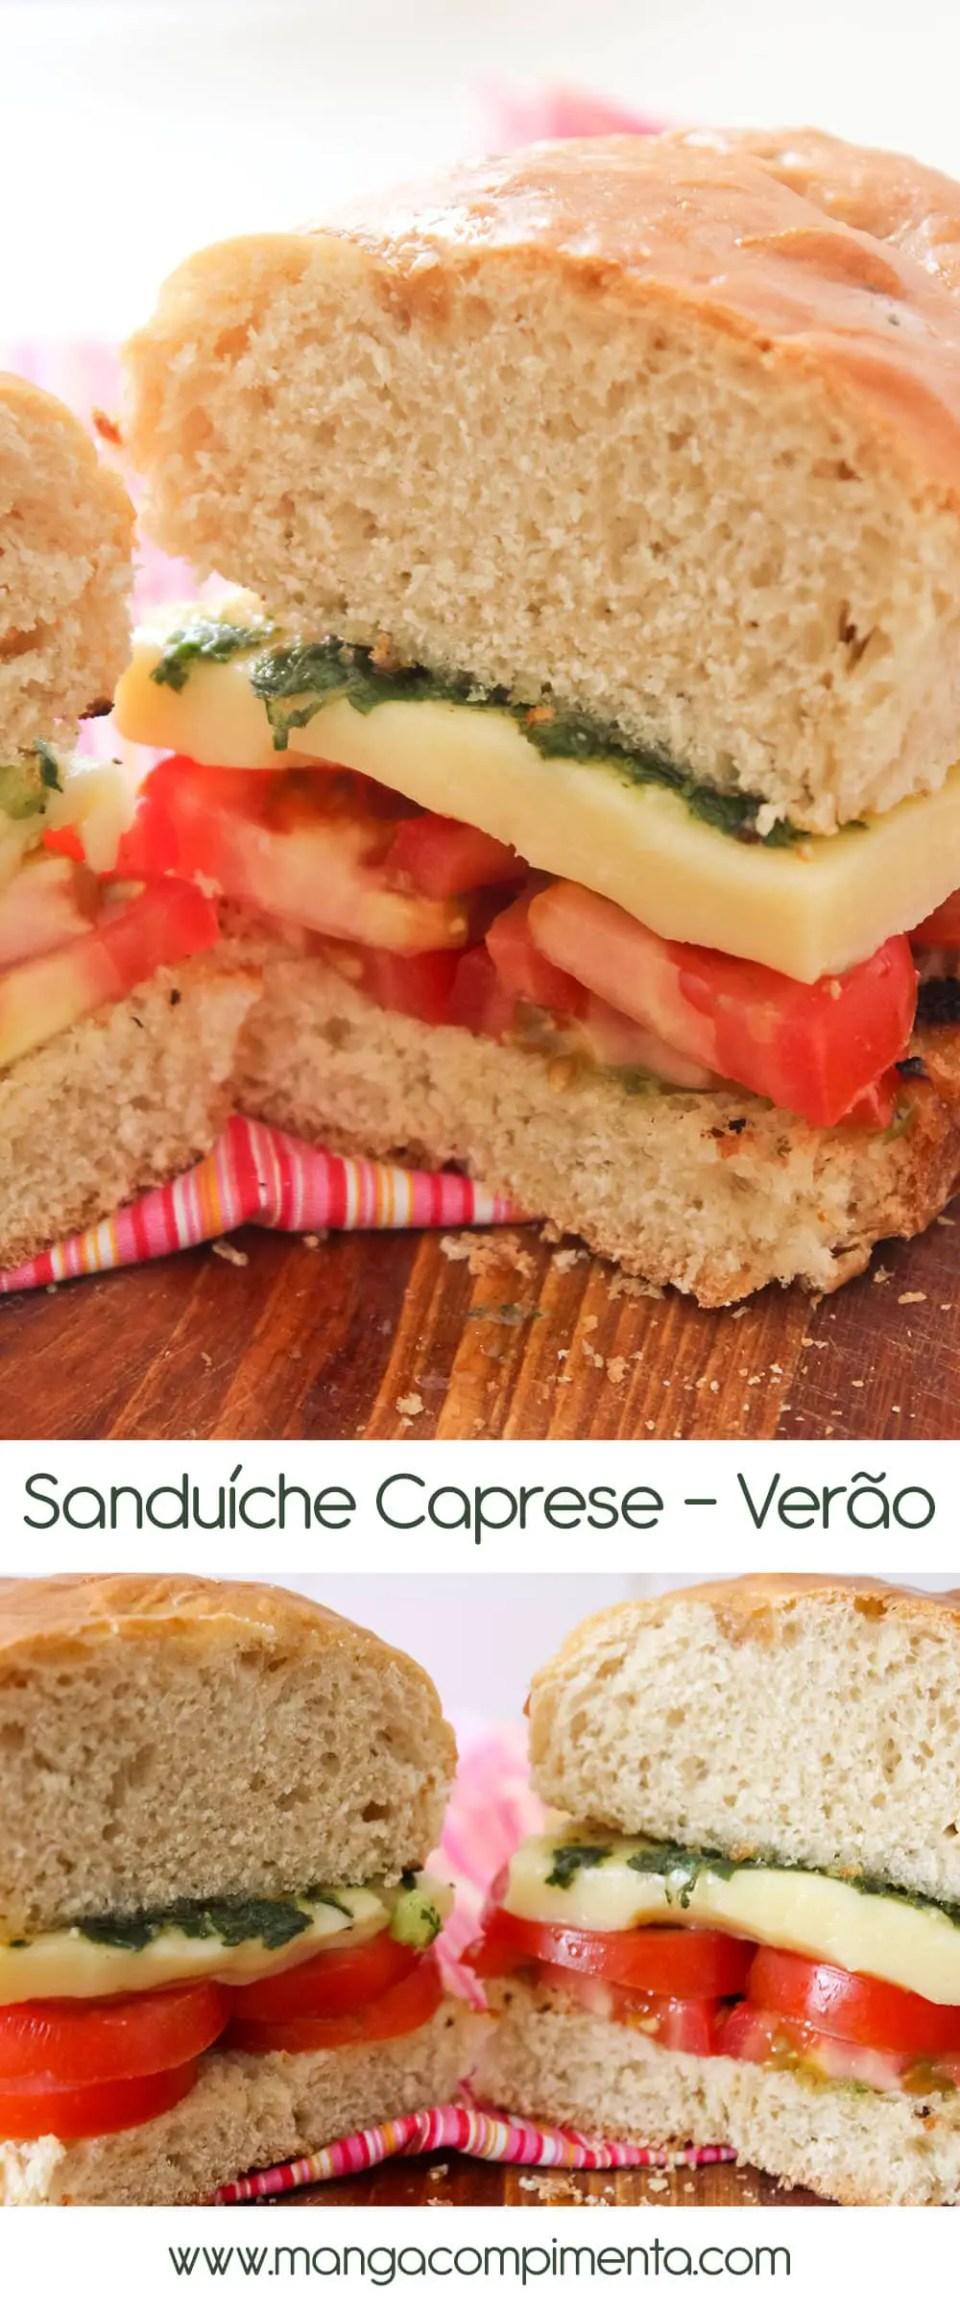 Lanche para qualquer hora: Sanduíche Caprese com Pesto - Receitas de Verão